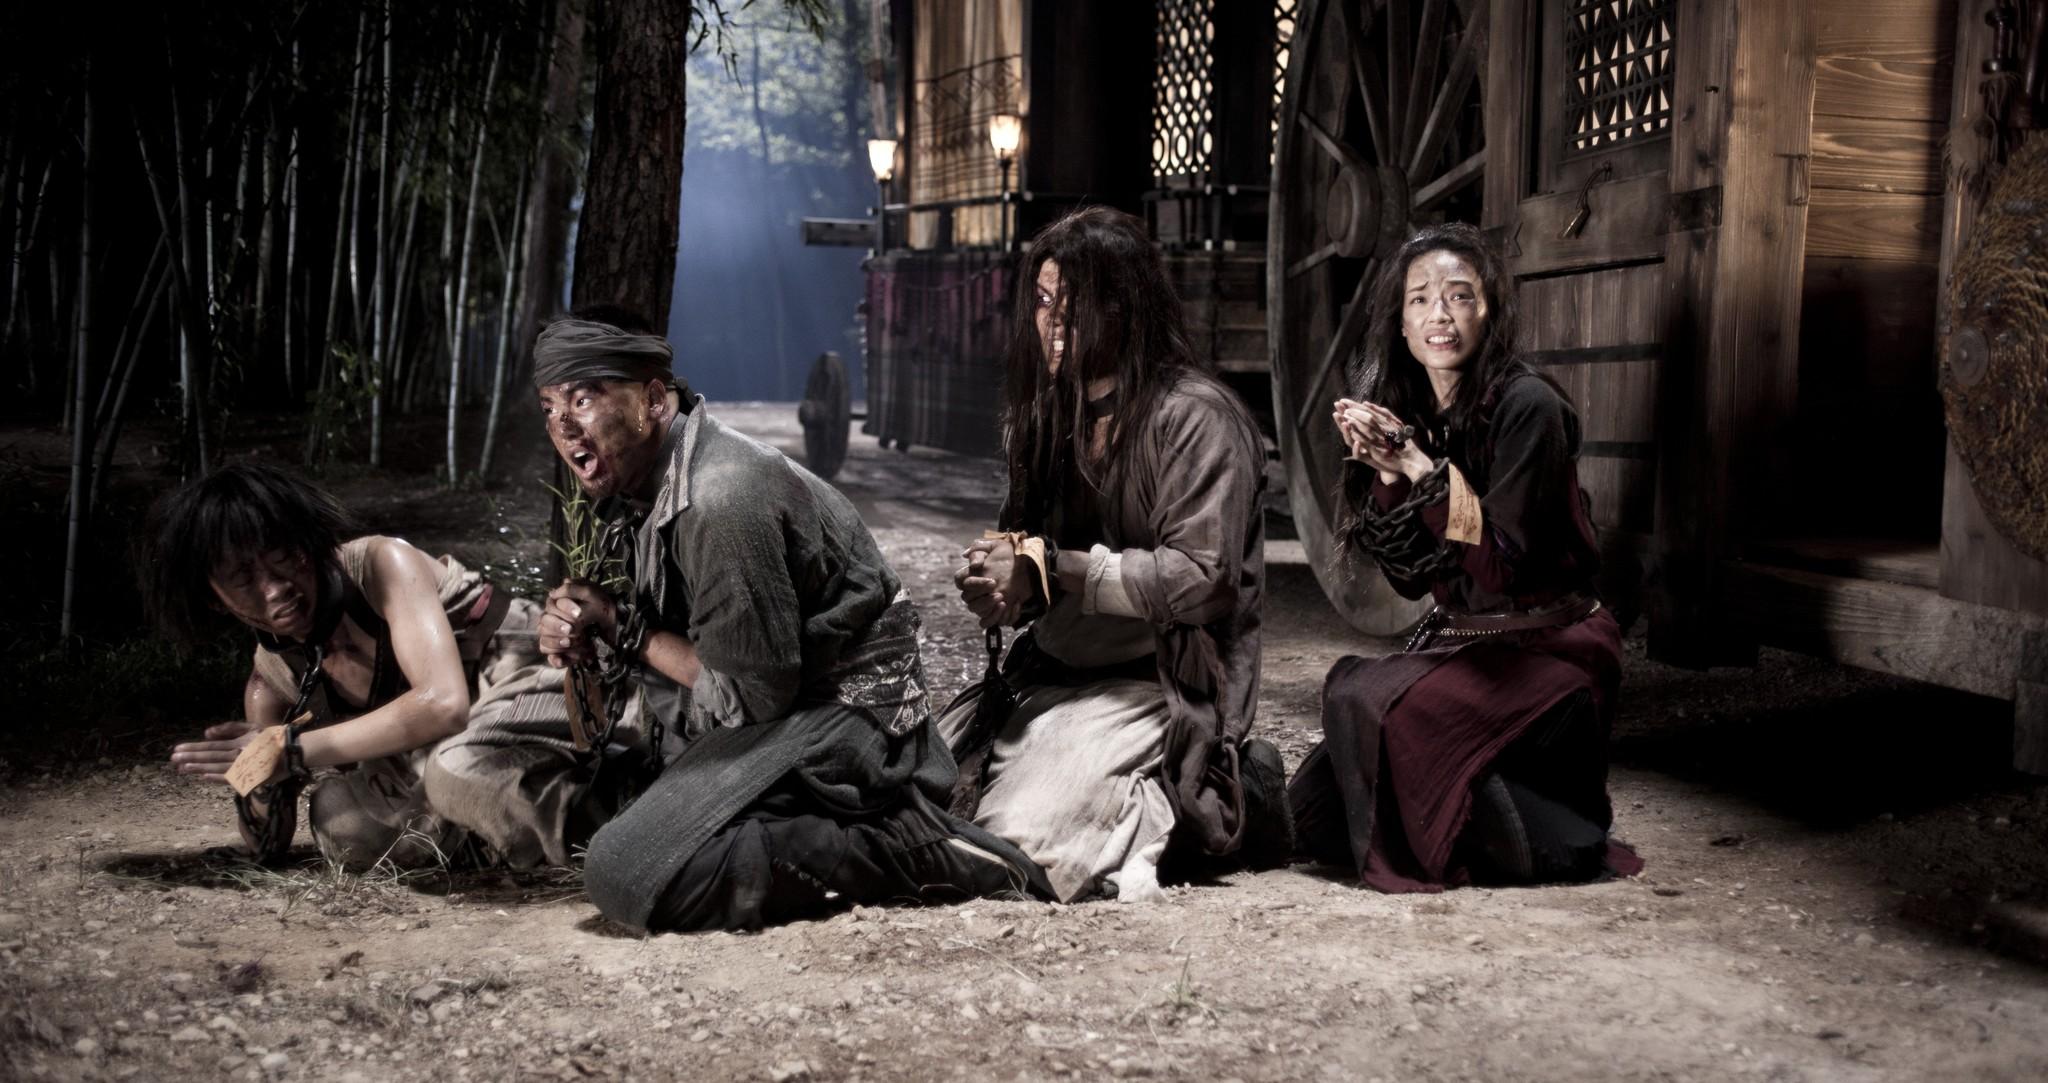 Still of Qi Shu, Xing Yu, Bo Huang and Zhang Wen in Kelione i vakarus (2013)